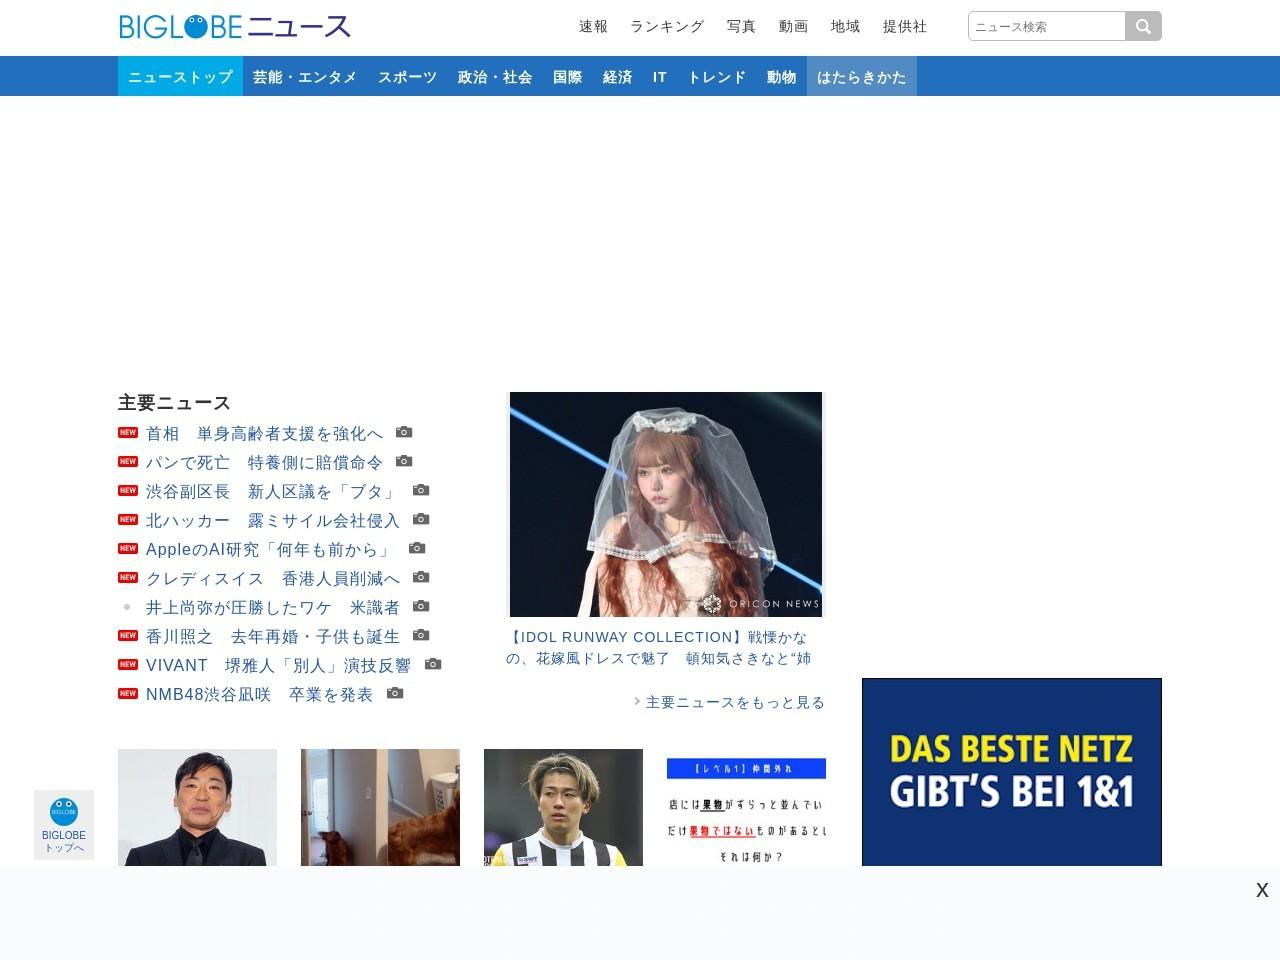 男祭の映画『空飛ぶタイヤ』で注目集まる小池栄子の熱演ぶり